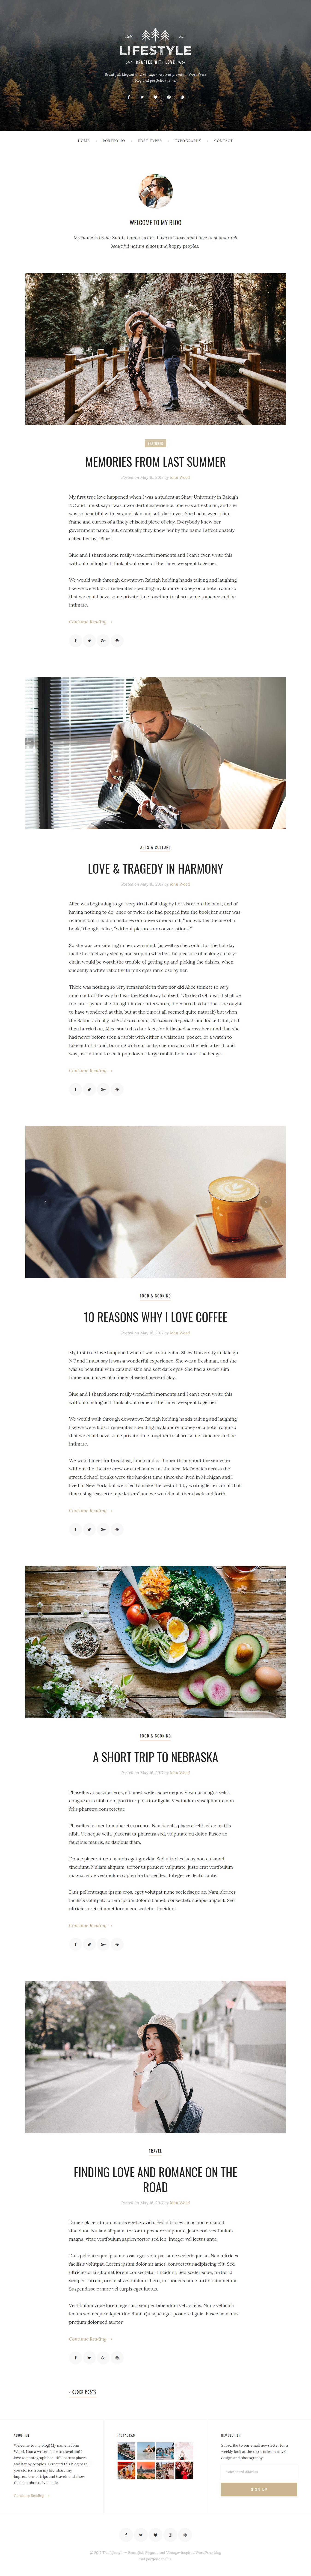 The Lifestyle - El mejor tema de WordPress de estilo de vida premium